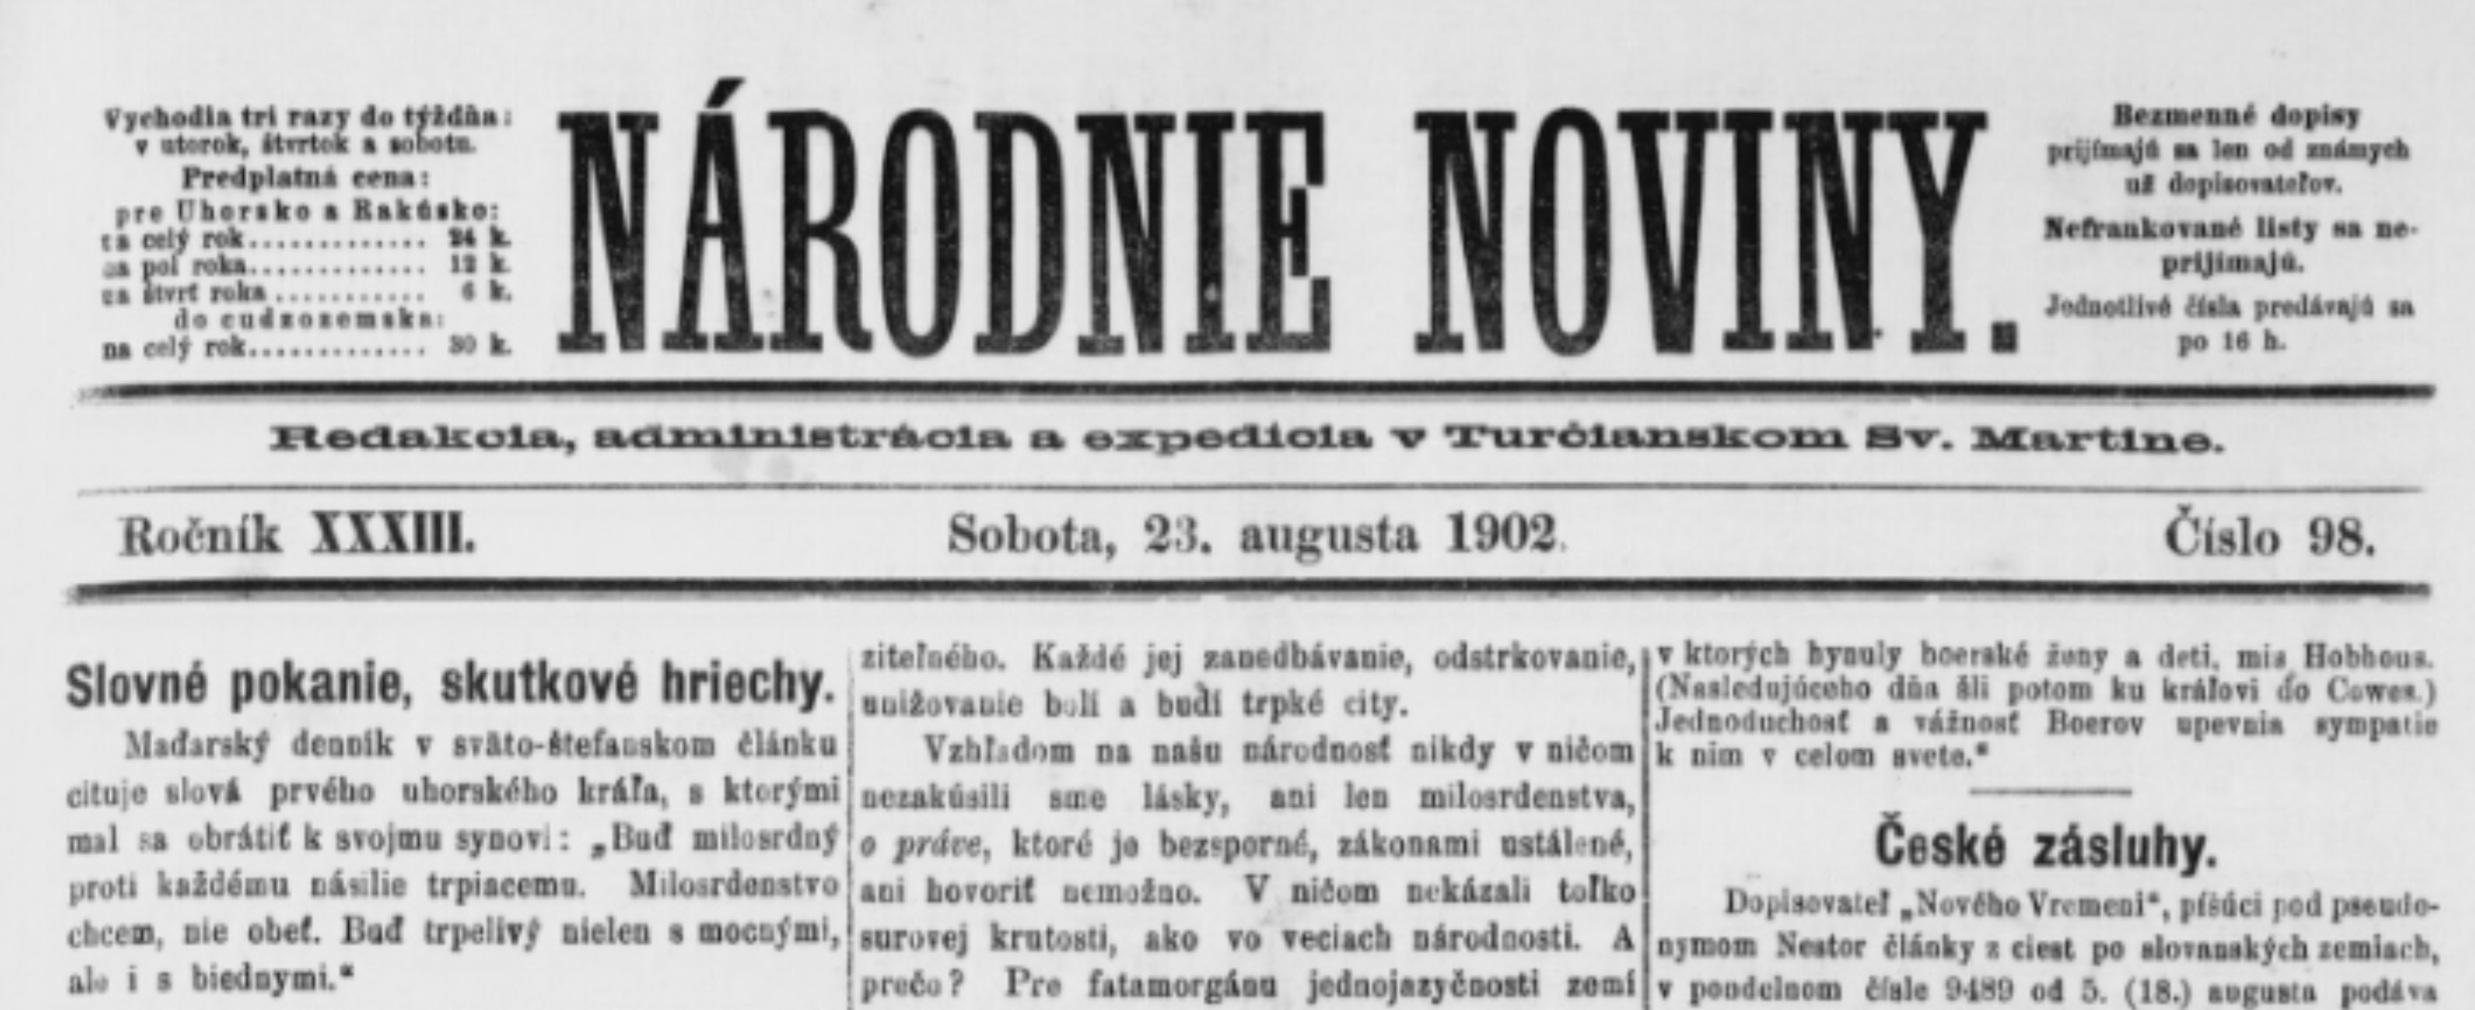 Zpráva o křtu v Pešti z roku 1902